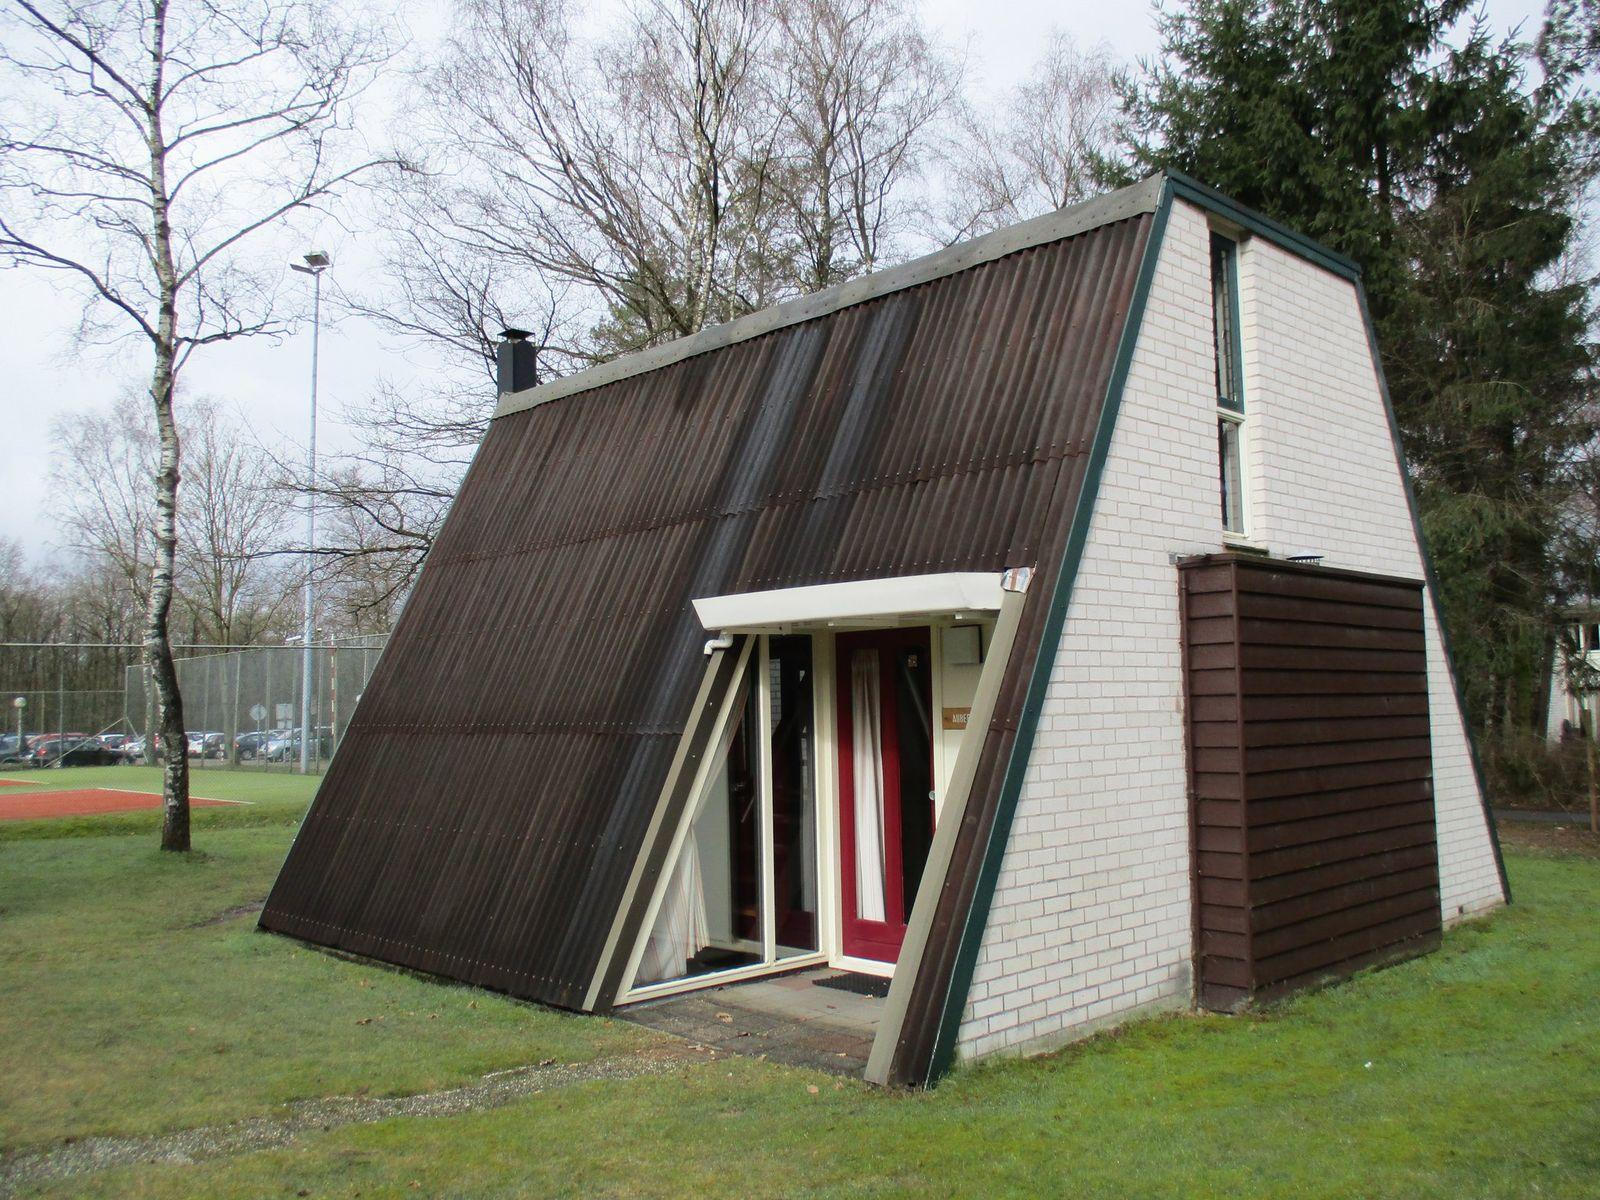 Krimweg 140-Aubergi, Hoenderloo